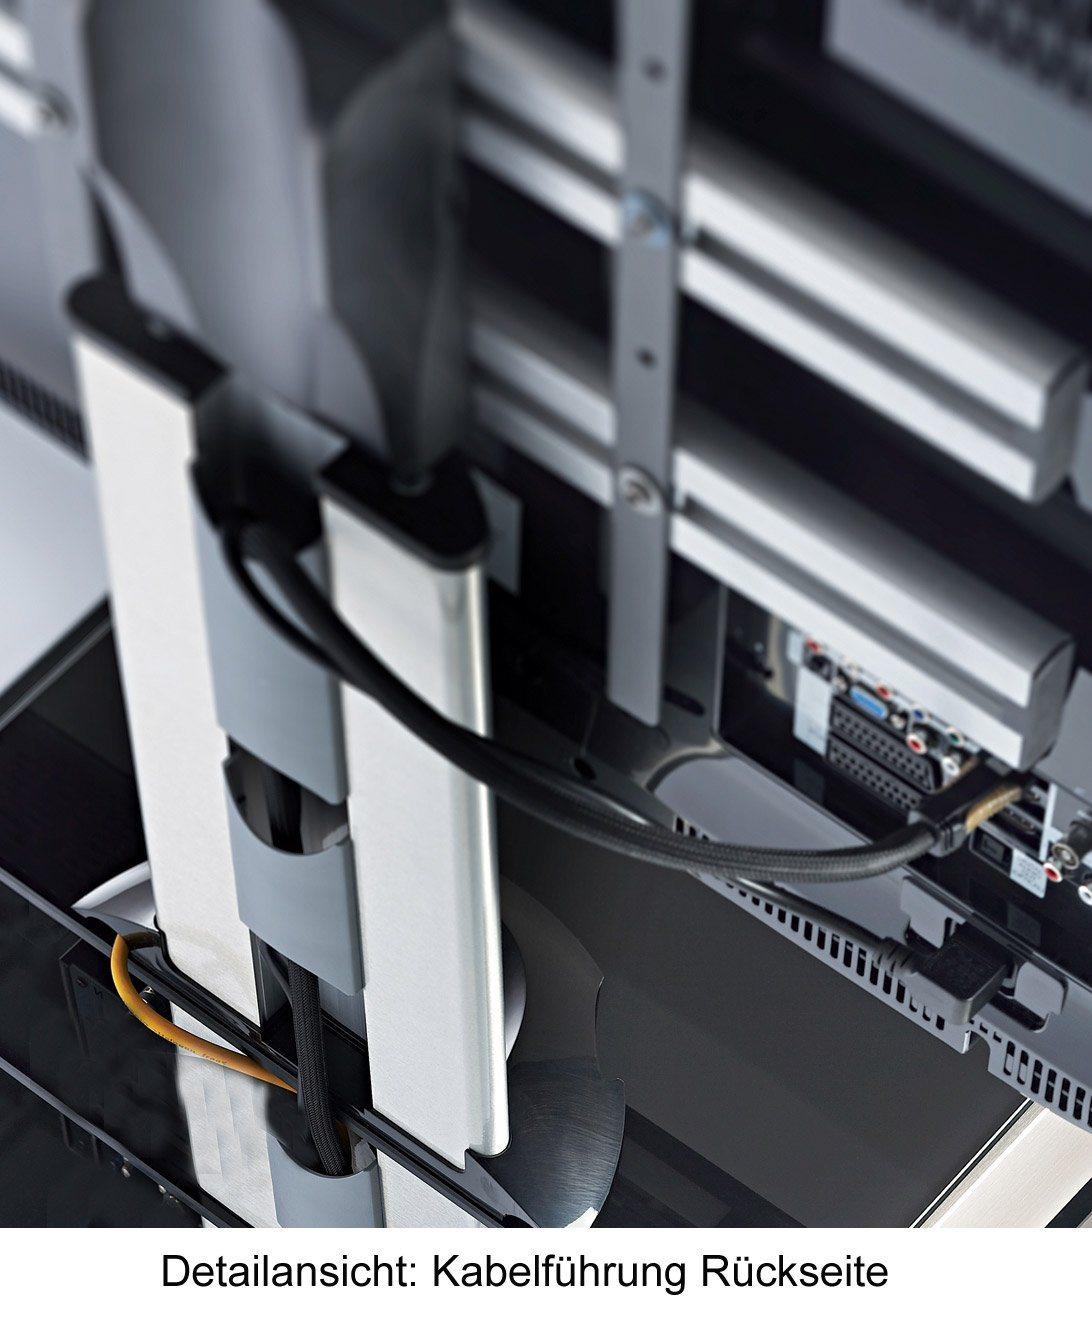 VCM TV-Standfuß ´´Bilano Zwischenboden Silber´´ | Wohnzimmer > TV-HiFi-Möbel > Ständer & Standfüße | Aluminium - Schwarzglas - Sicherheitsglas | VCM